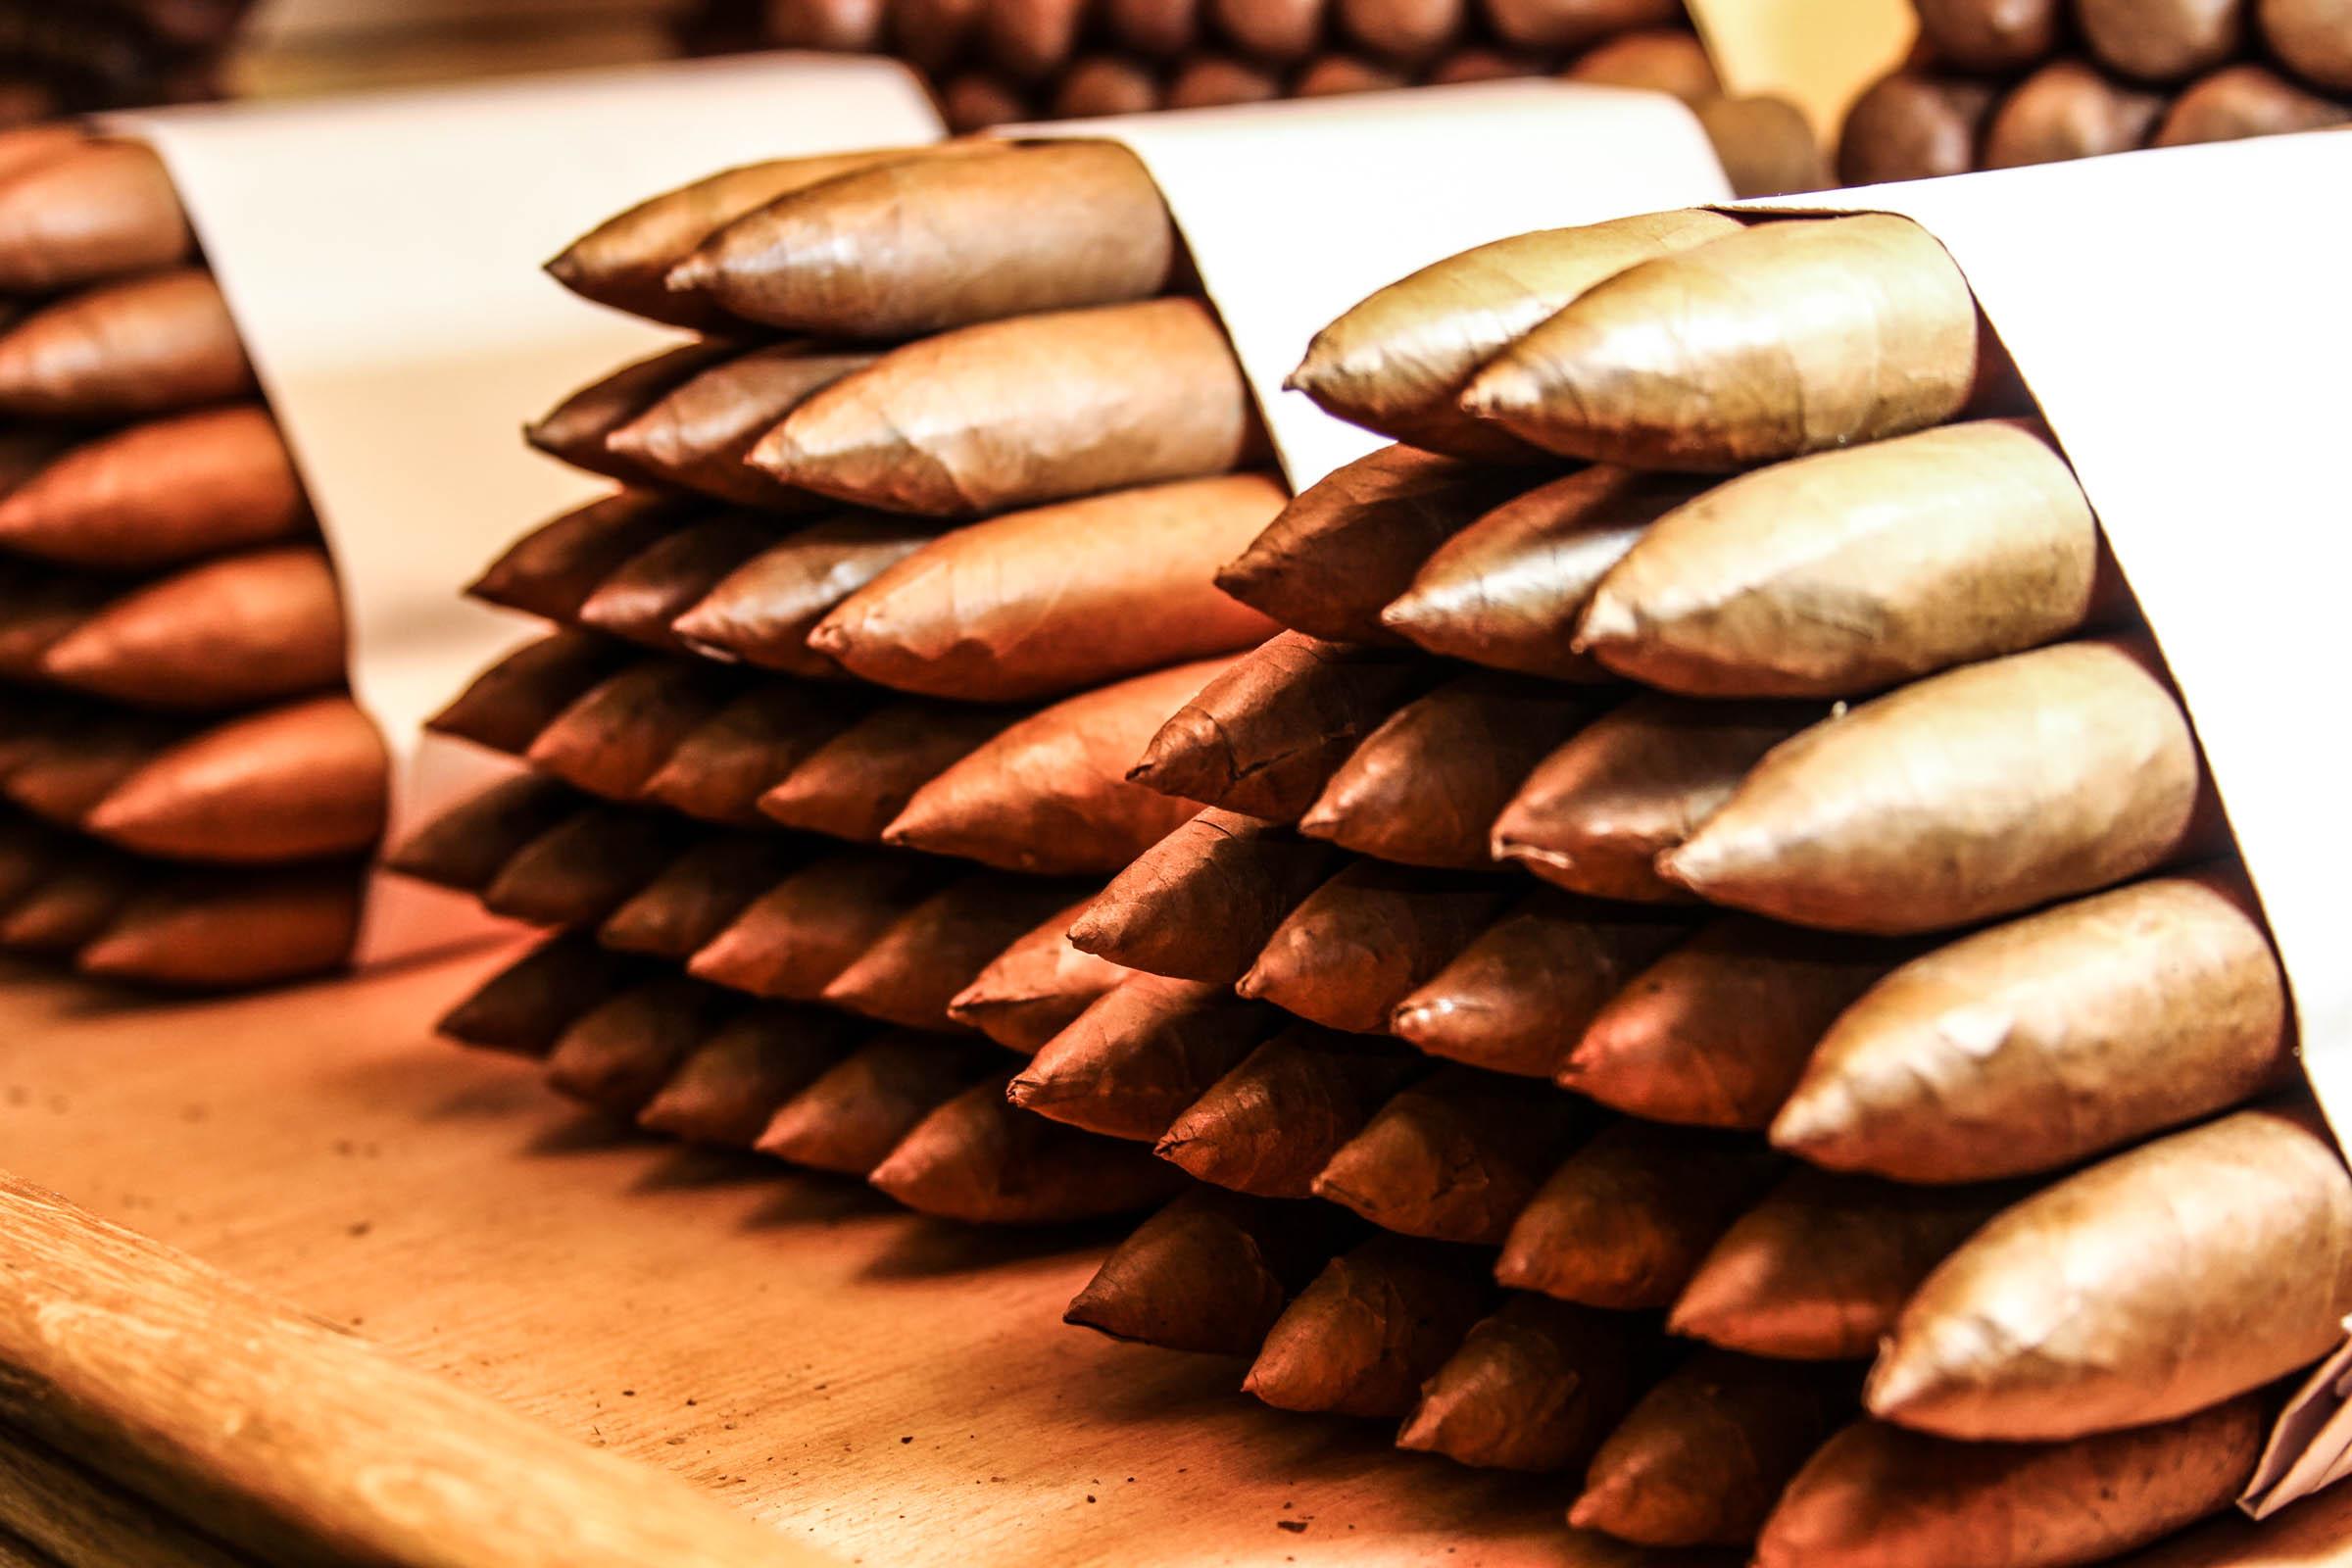 Zigarrendreher | Zigarrenroller | Kuba | Tabak | Deckblatt | Zigarre | Handgedreht | Havanna | Bandarole | Umblatt | Event | Buchen | Zigarrenmanufaktur.